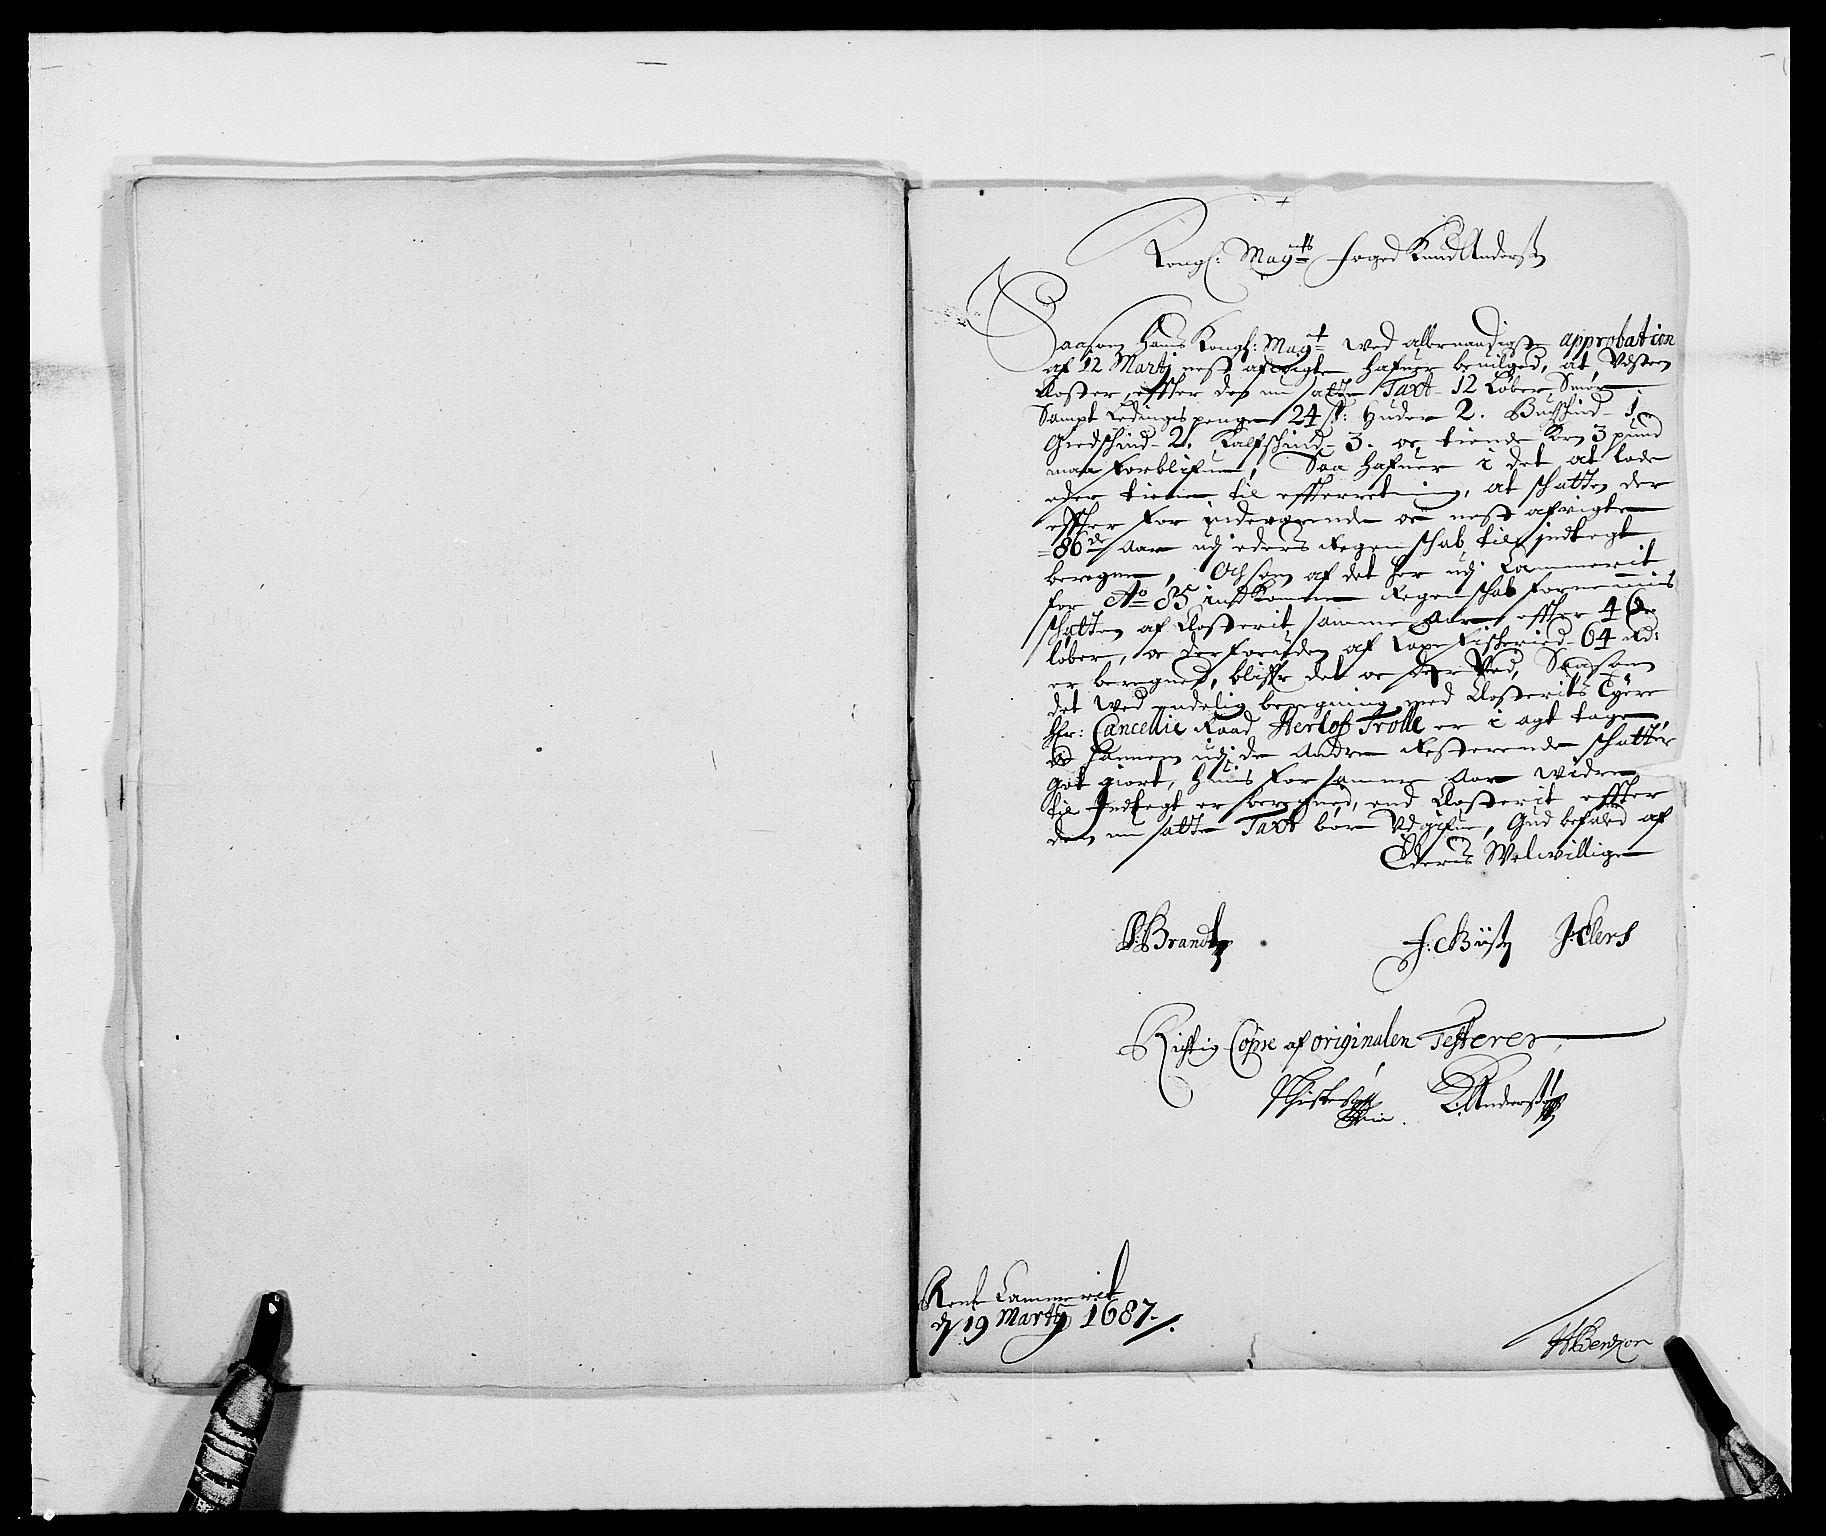 RA, Rentekammeret inntil 1814, Reviderte regnskaper, Fogderegnskap, R47/L2855: Fogderegnskap Ryfylke, 1685-1688, s. 134